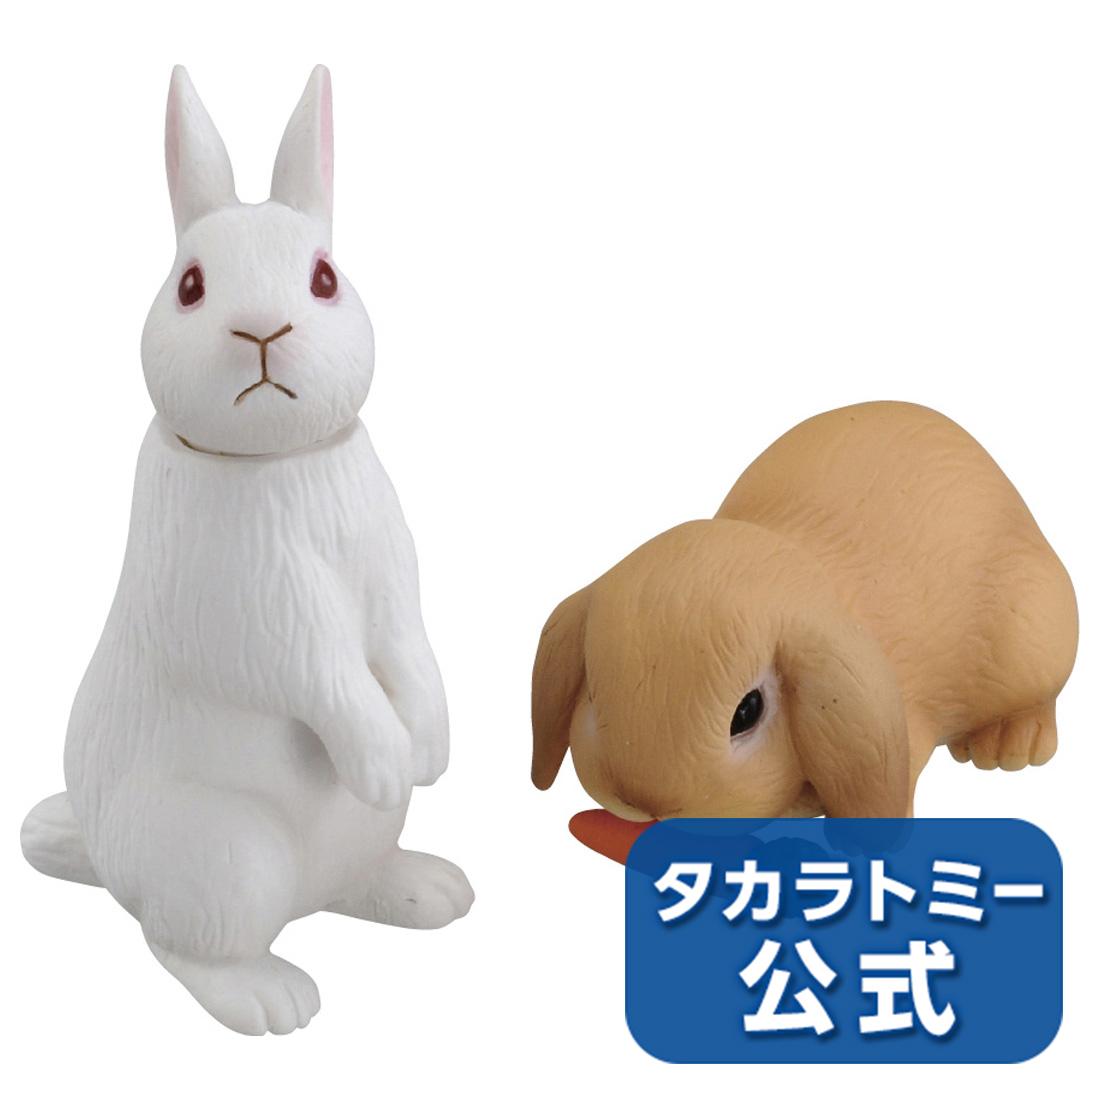 再入荷 予約販売 2018年10月25日発売タカラトミー公式店5 500円以上購入で送料無料 期間限定特価品 アニアAS-34ウサギ日本白色種ロップイヤー